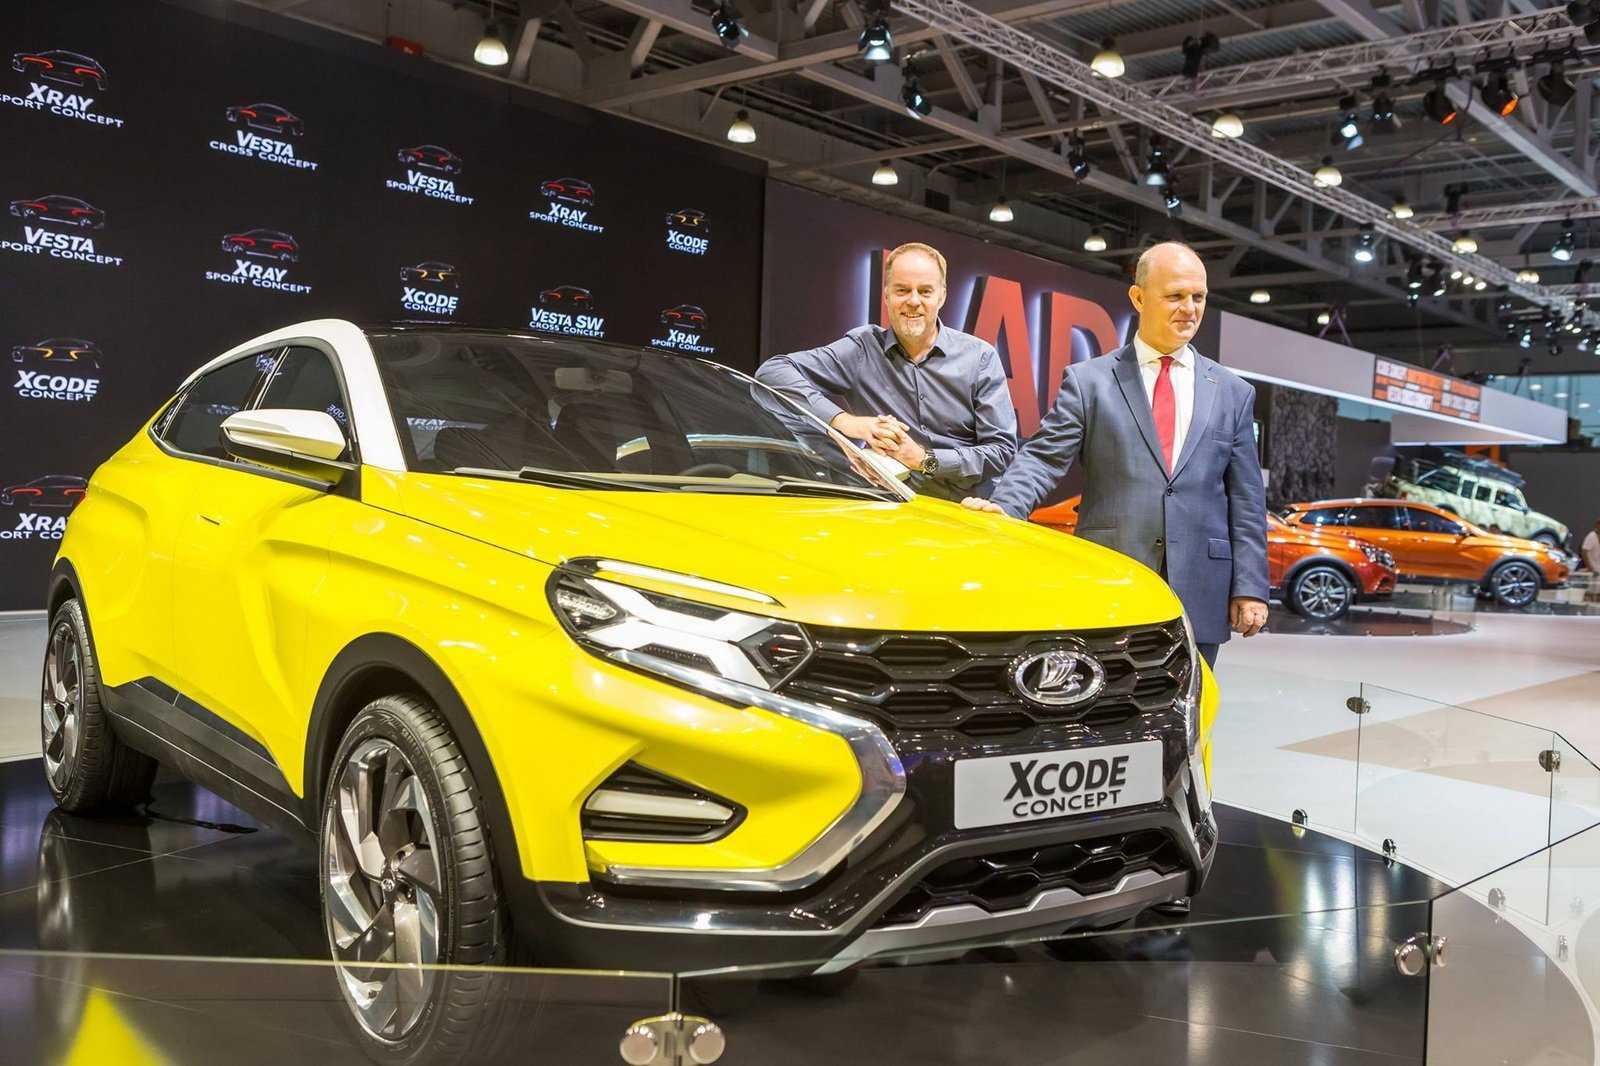 Chevrolet niva получил глобальные изменения: обзор основных обновлений